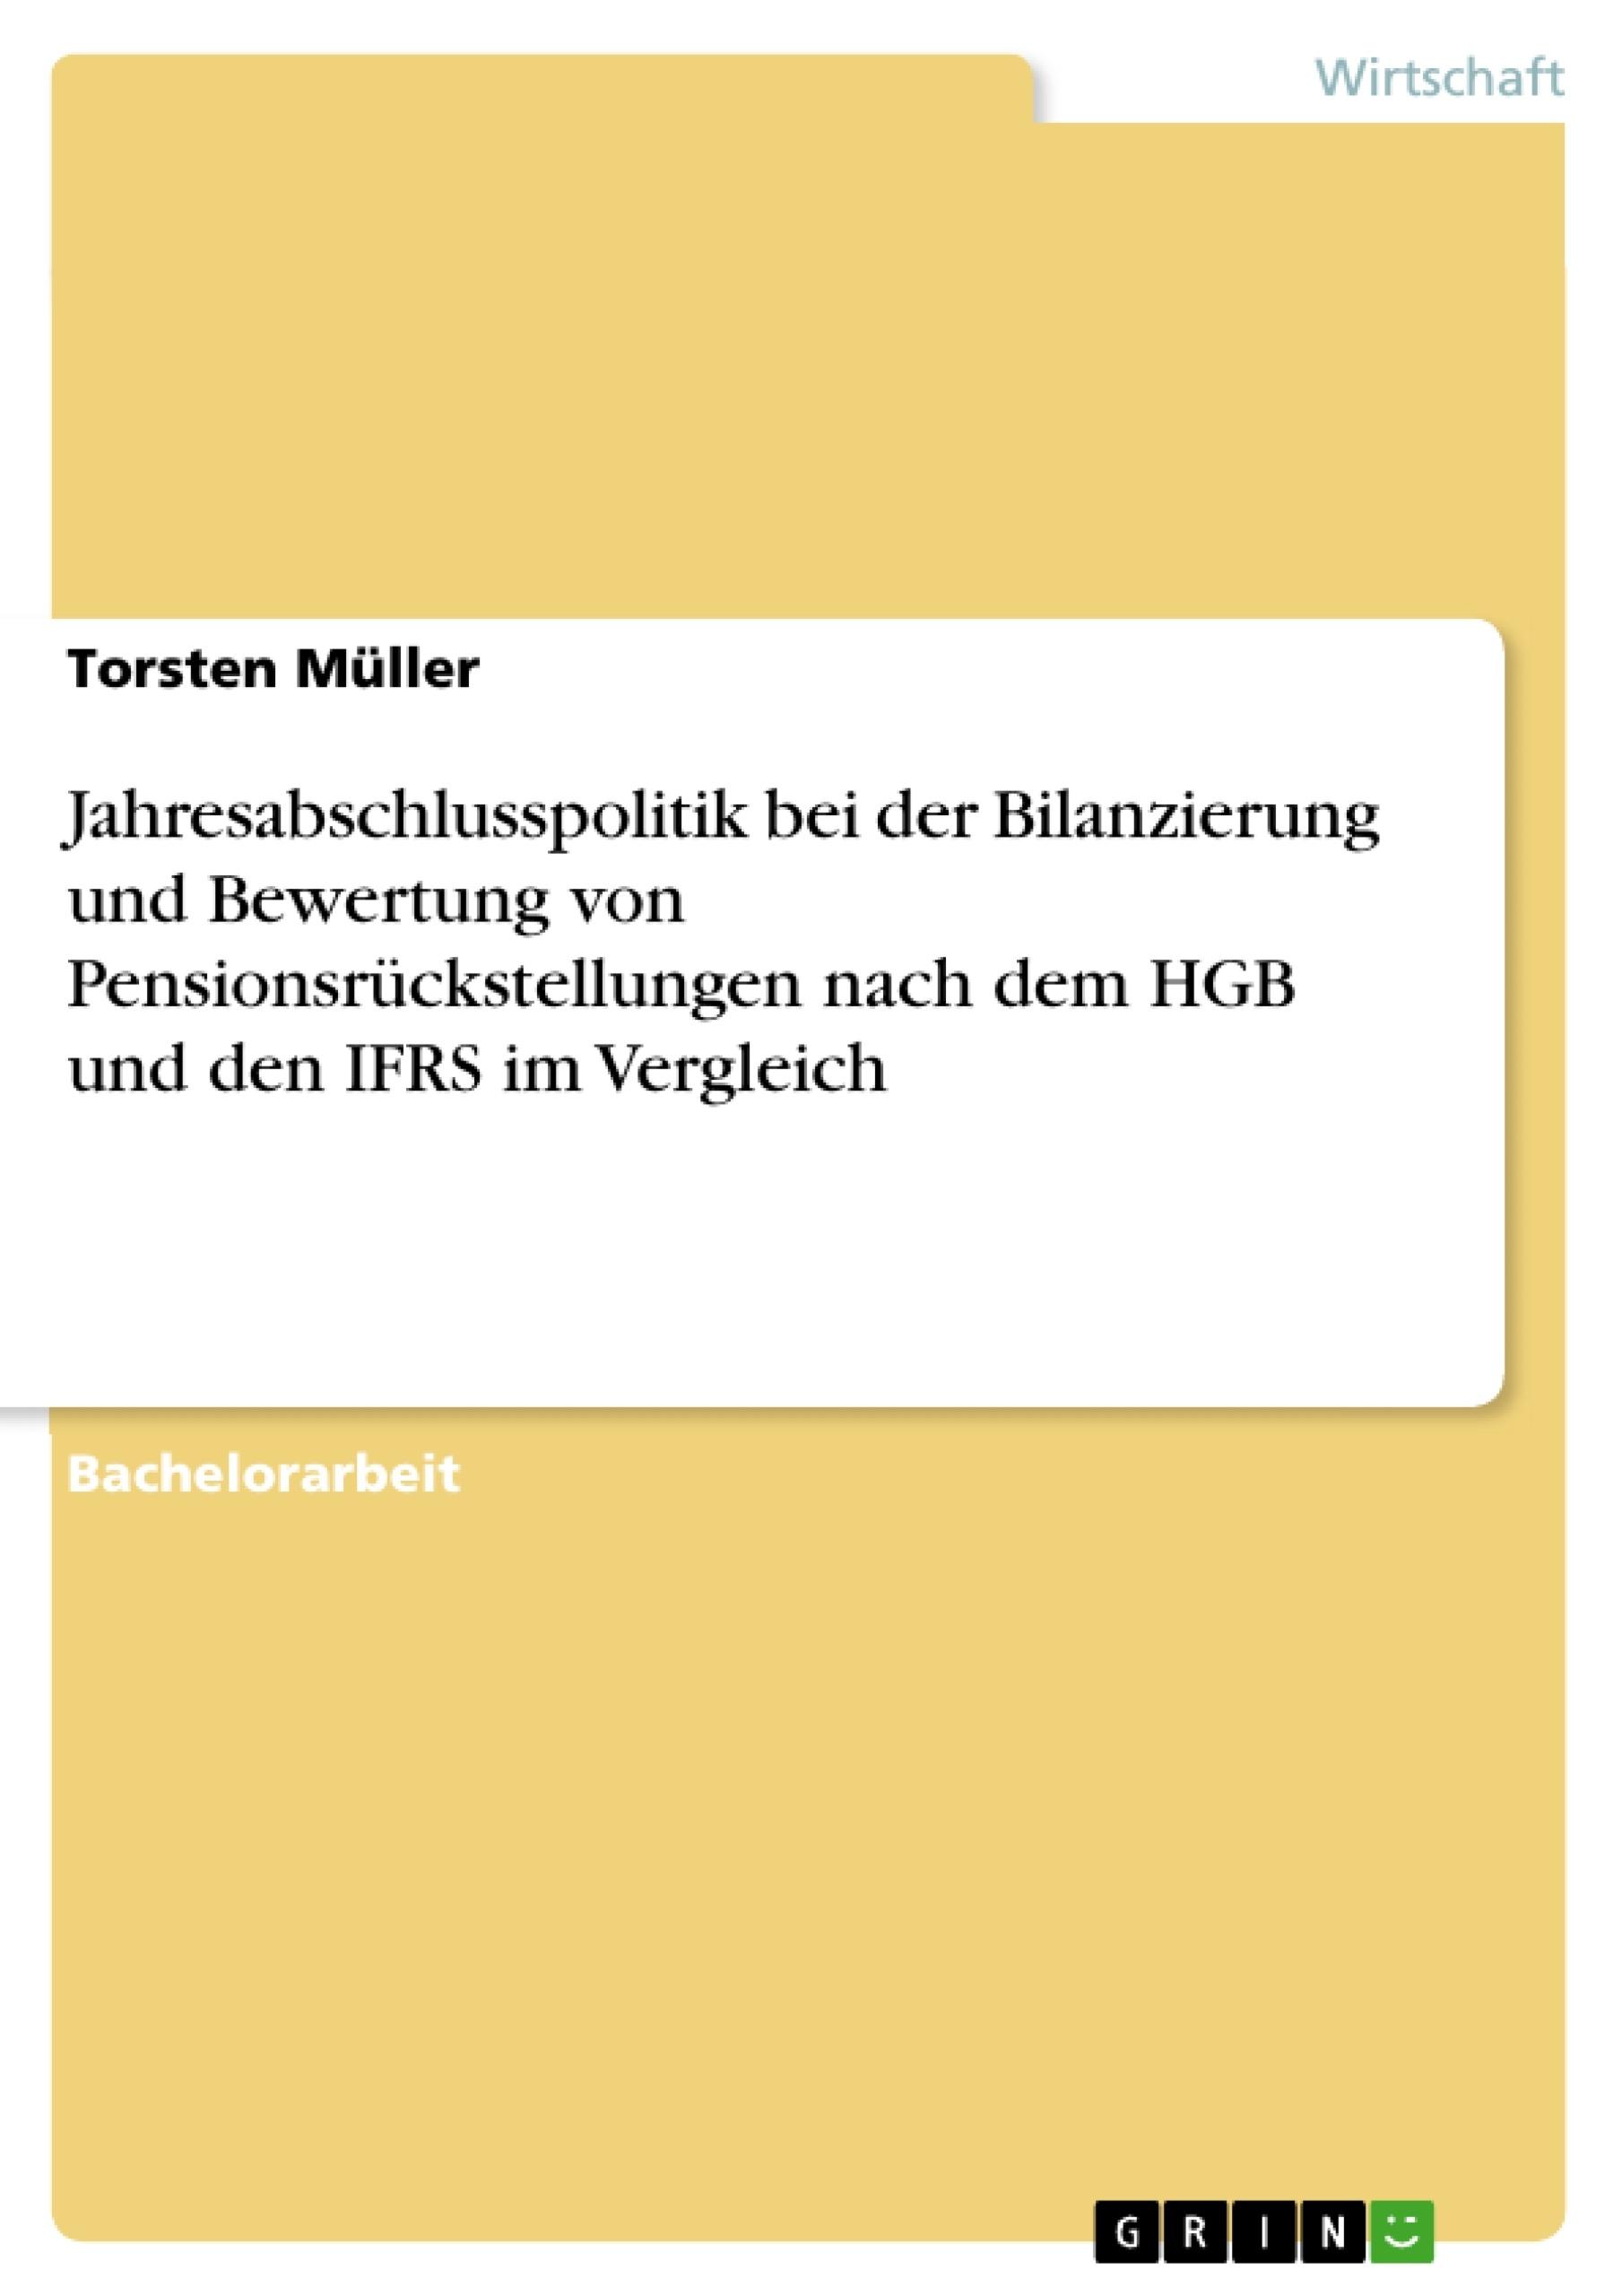 Titel: Jahresabschlusspolitik bei der Bilanzierung und Bewertung von Pensionsrückstellungen nach dem HGB und den IFRS im Vergleich